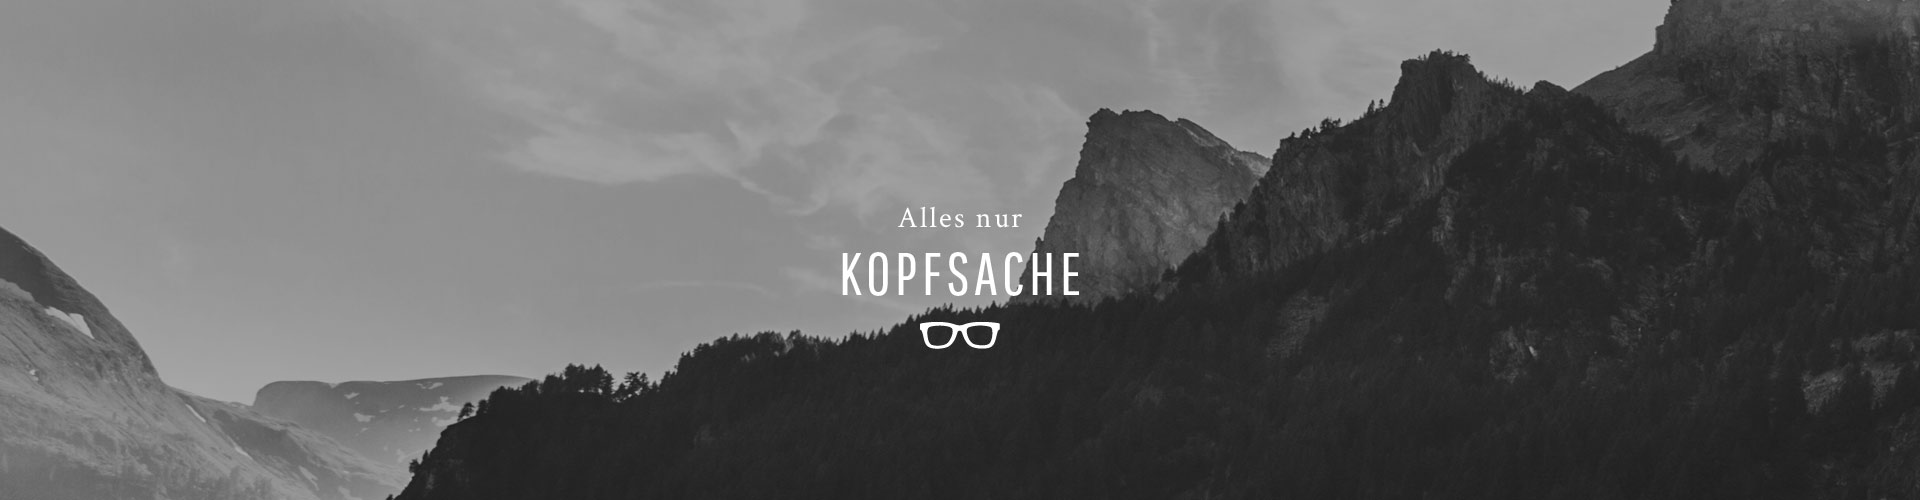 Header_Kopfsache_2_1920x500